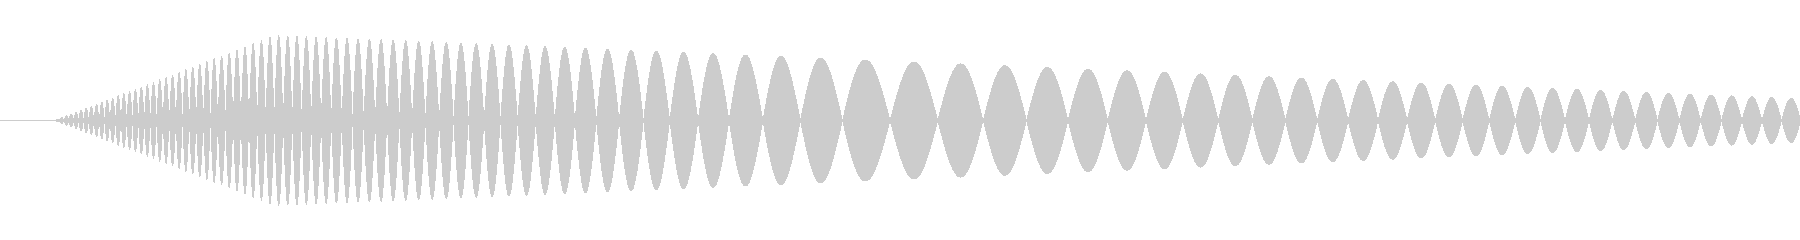 【コミカル】肉球・足音・スタンプの未再生の波形